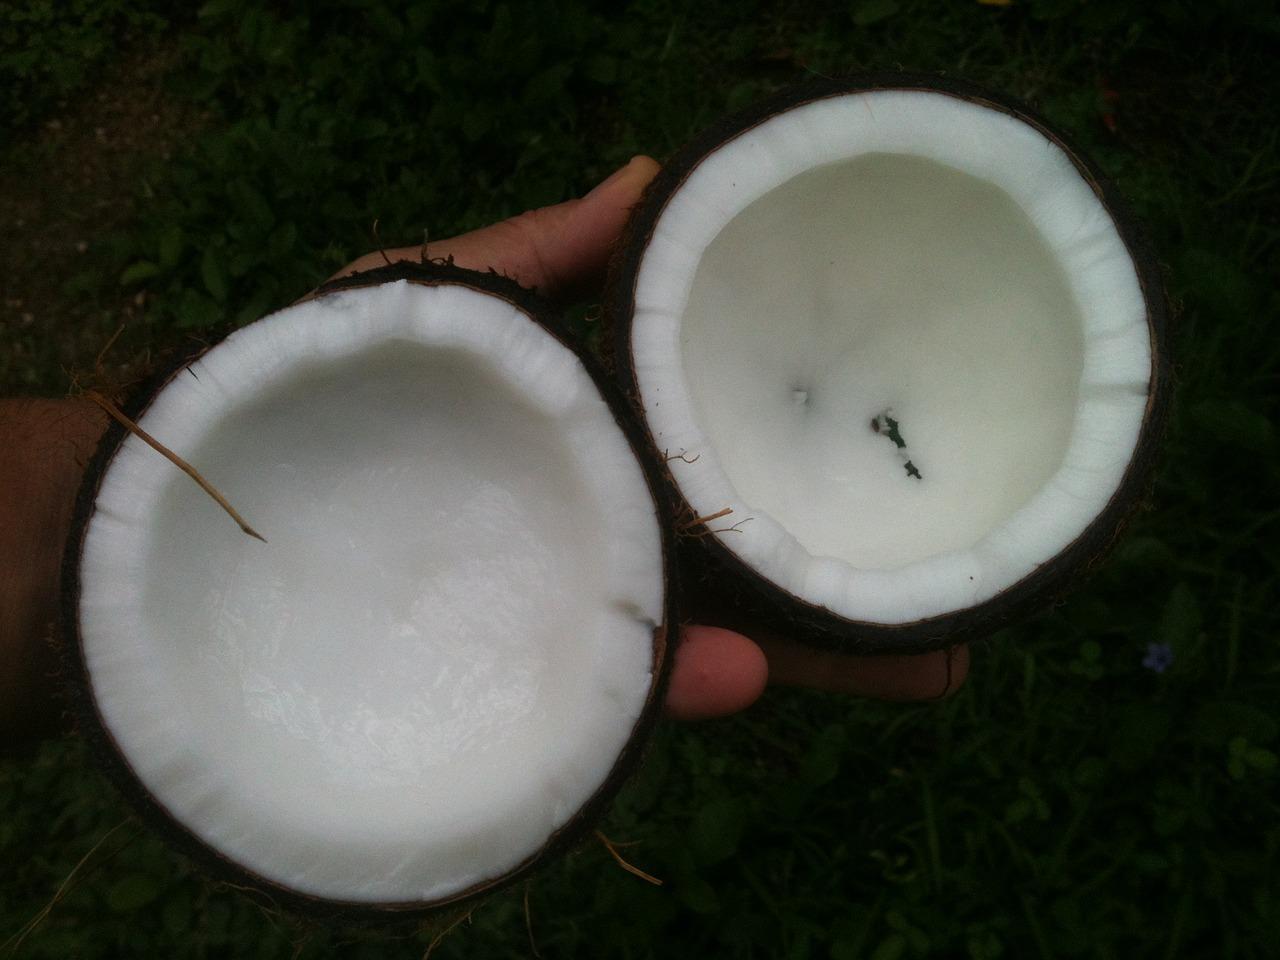 Foloseste ulei de cocos pentru ingrijirea pielii si a parului